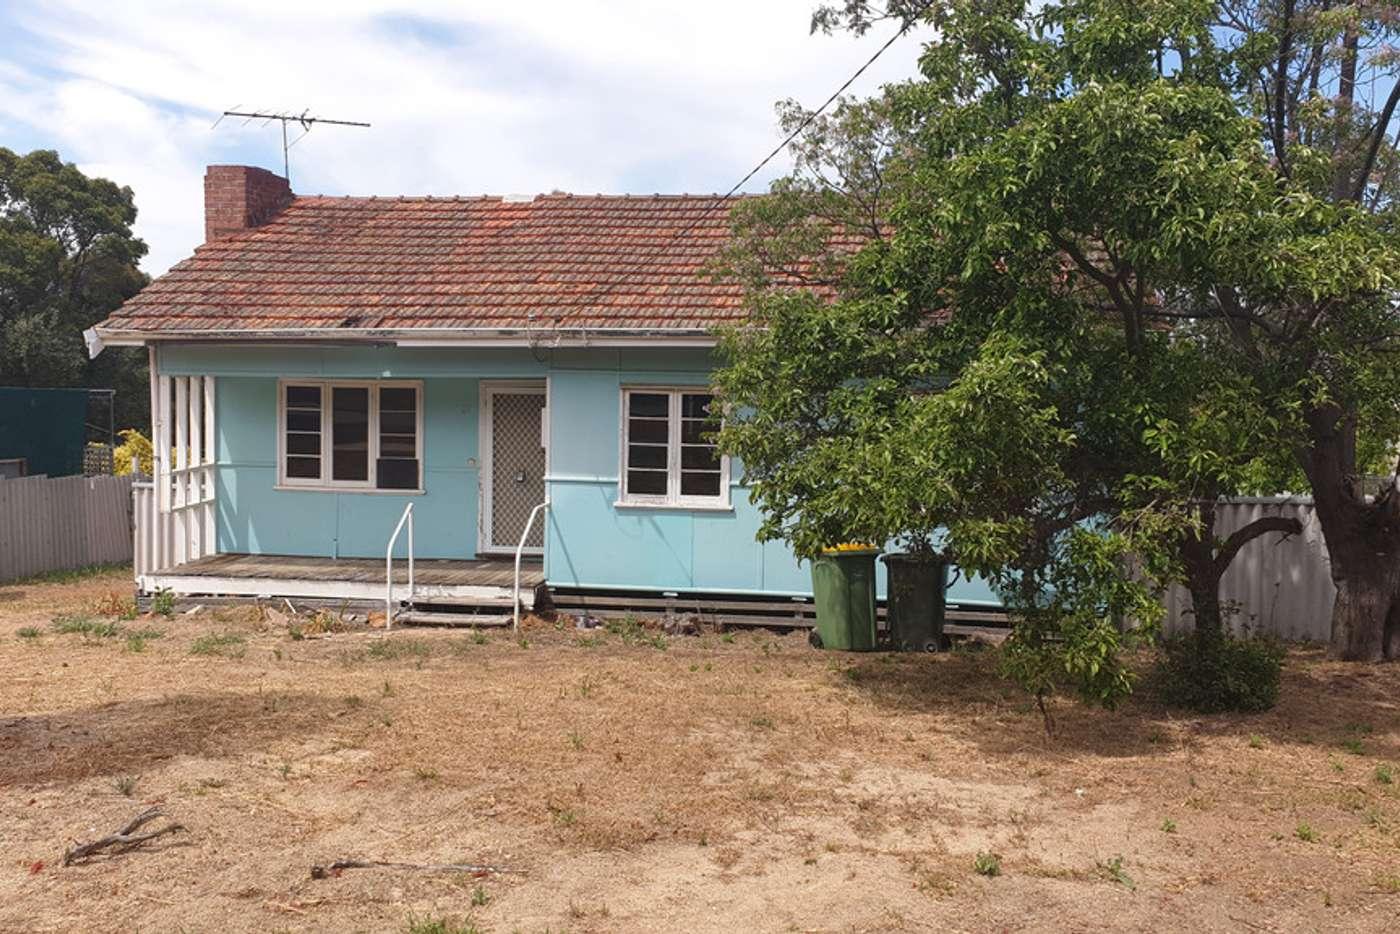 Main view of Homely house listing, 11 Lobelia Avenue, Wundowie WA 6560